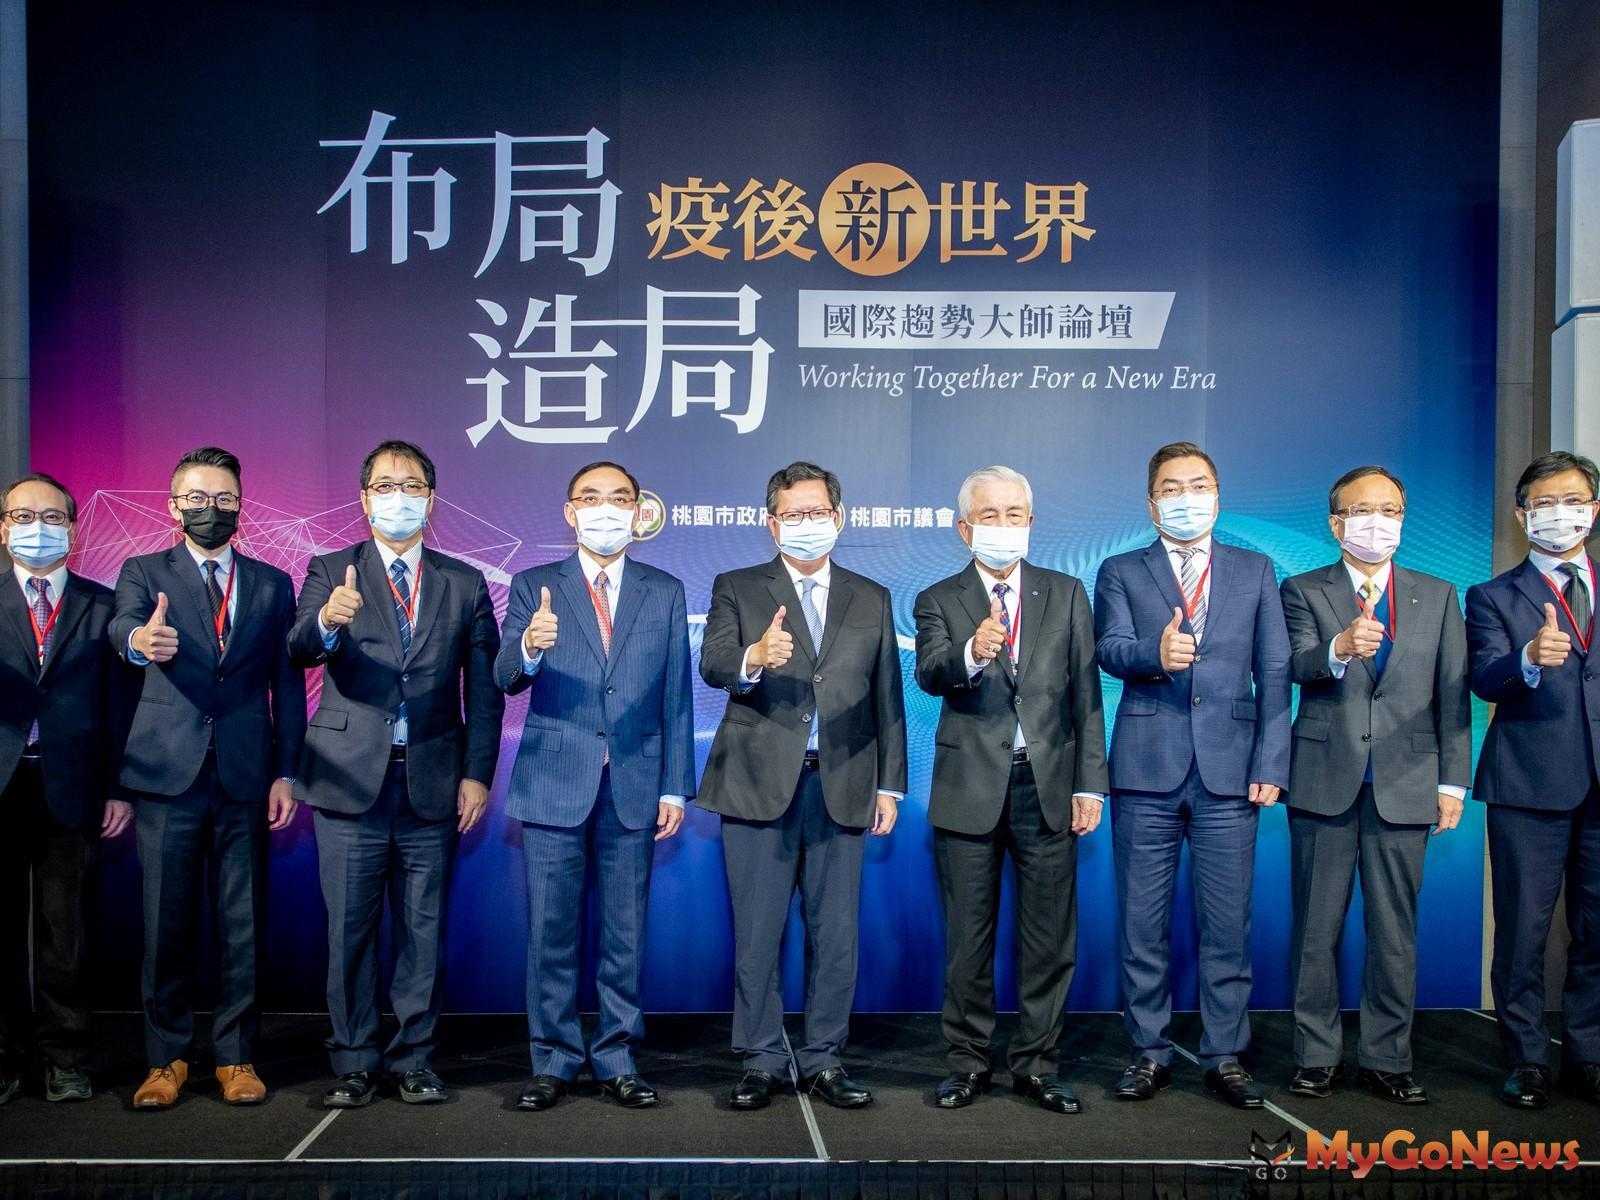 打造桃園成為投資友善城市,為台灣經濟提供永續發展的動力(圖/桃園市政府) MyGoNews房地產新聞 區域情報